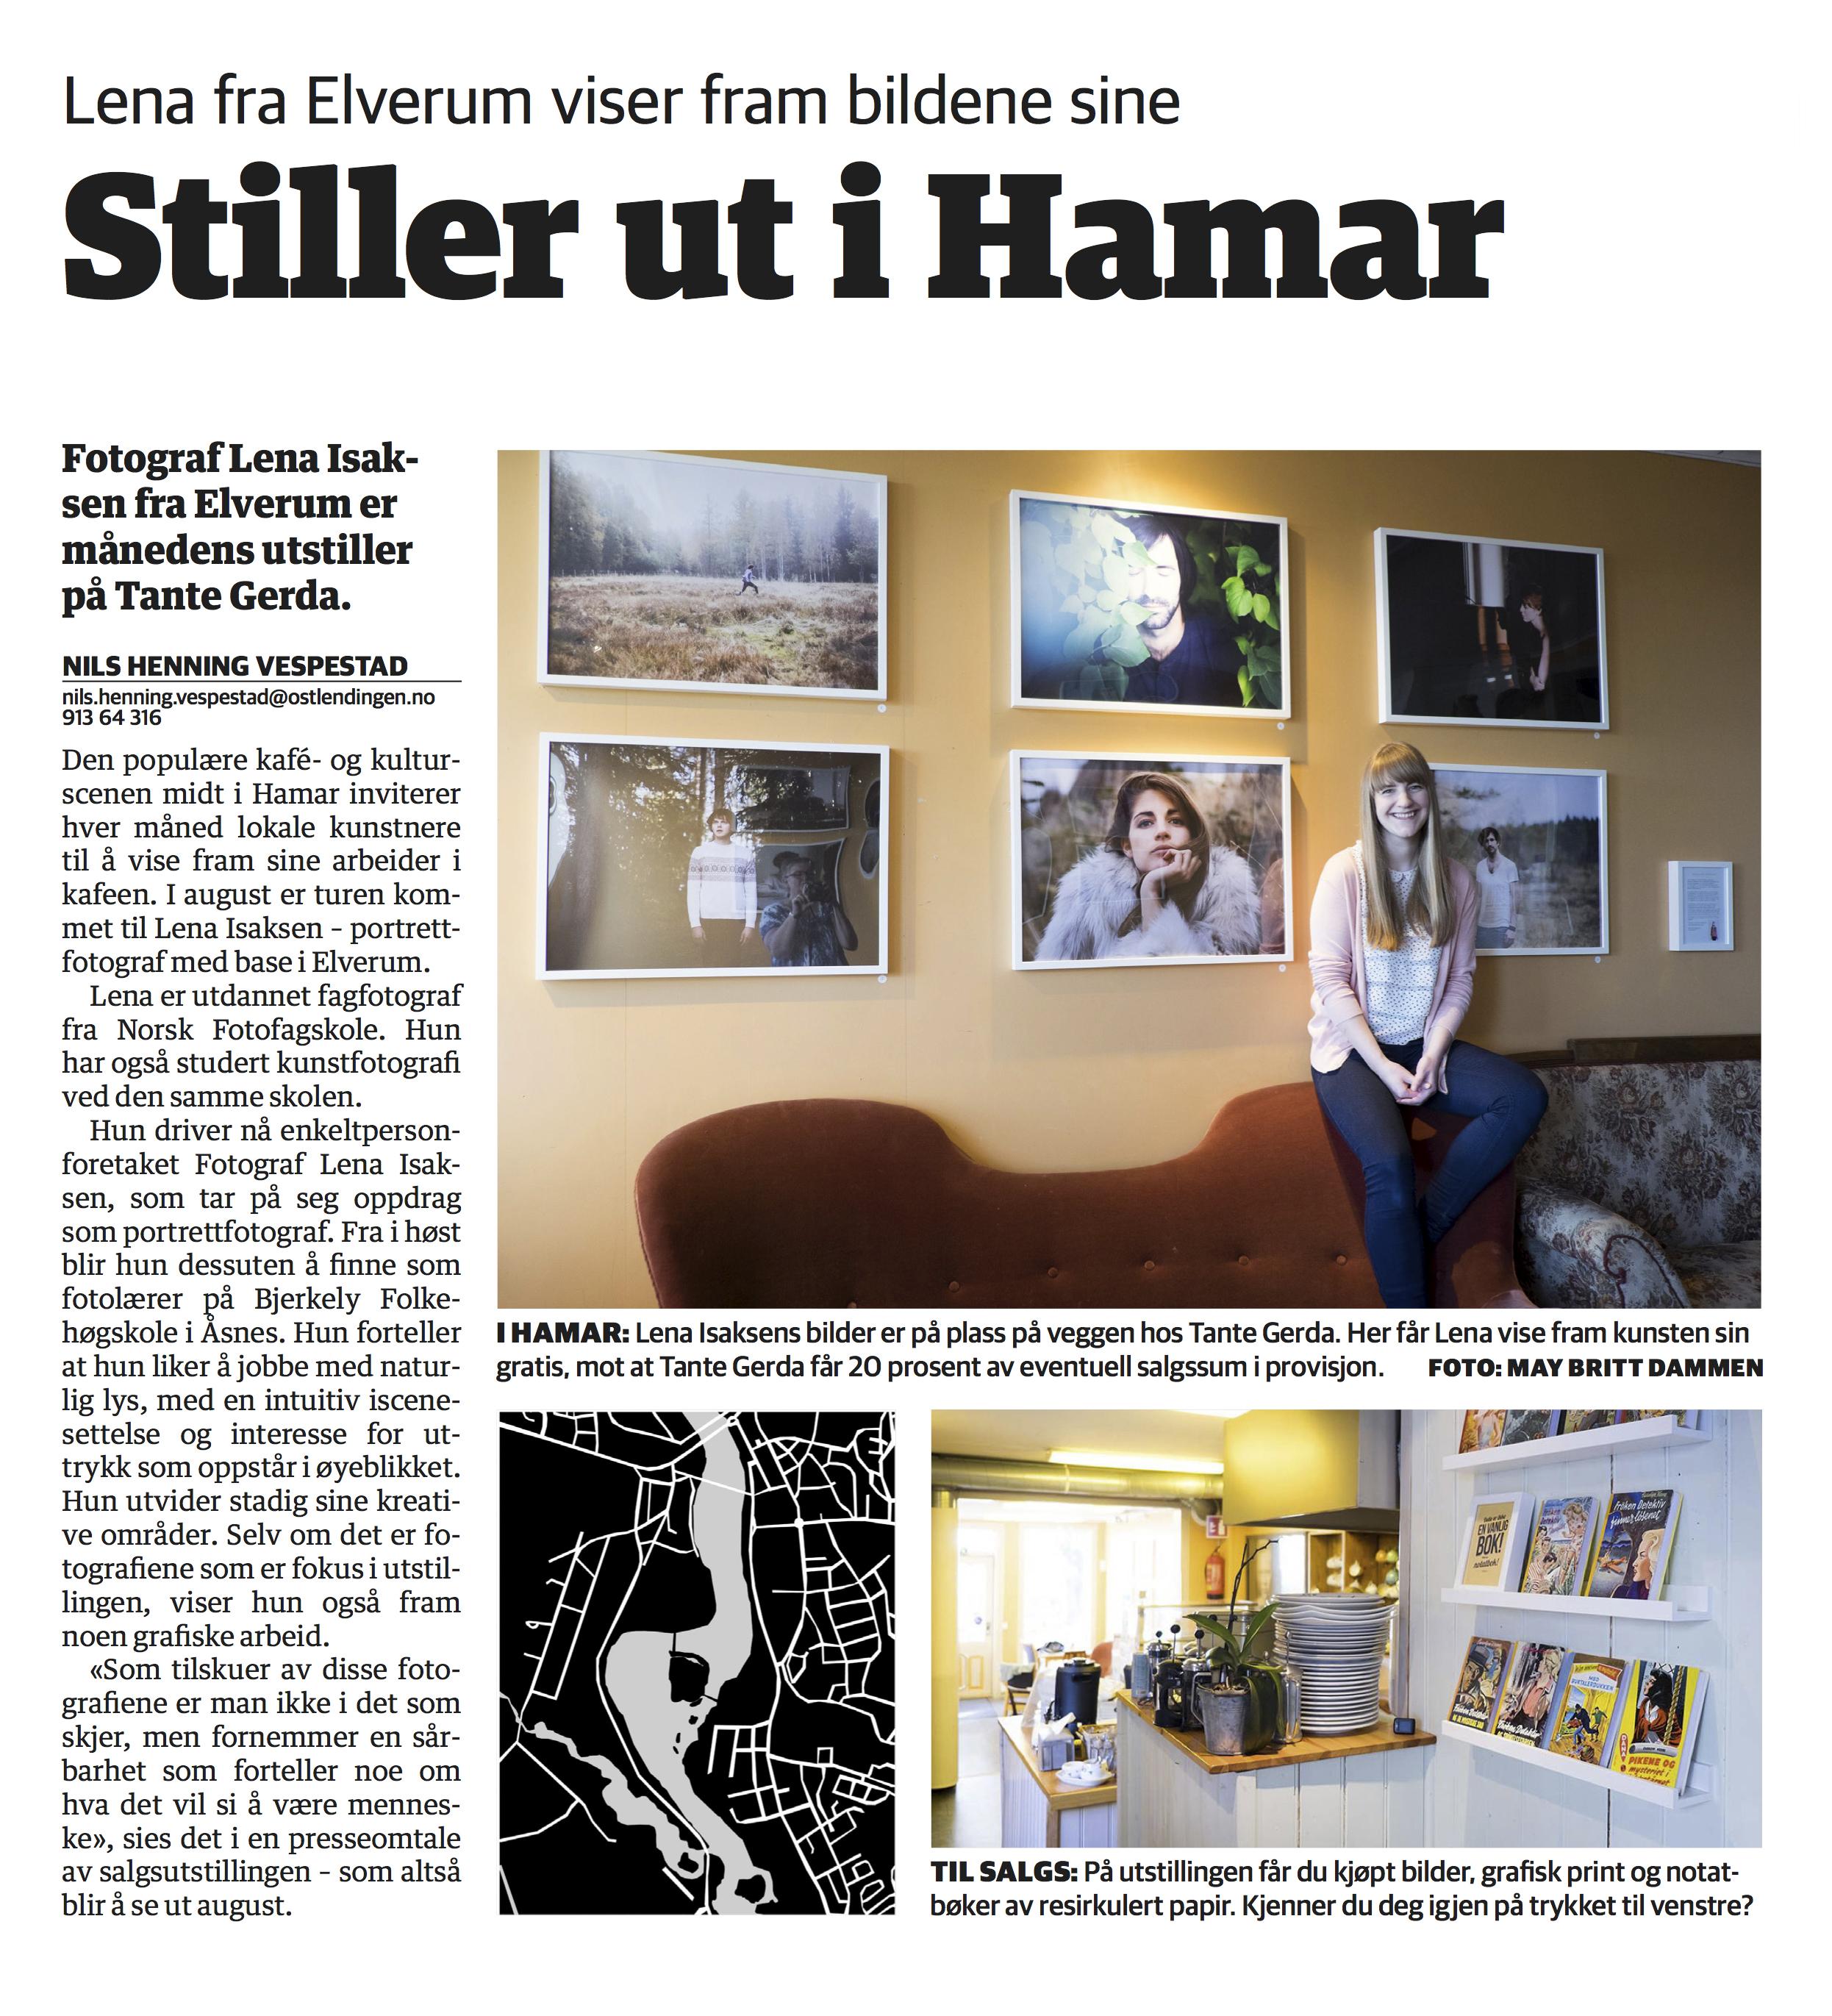 Lena Isaksen stiller ut i Hamar